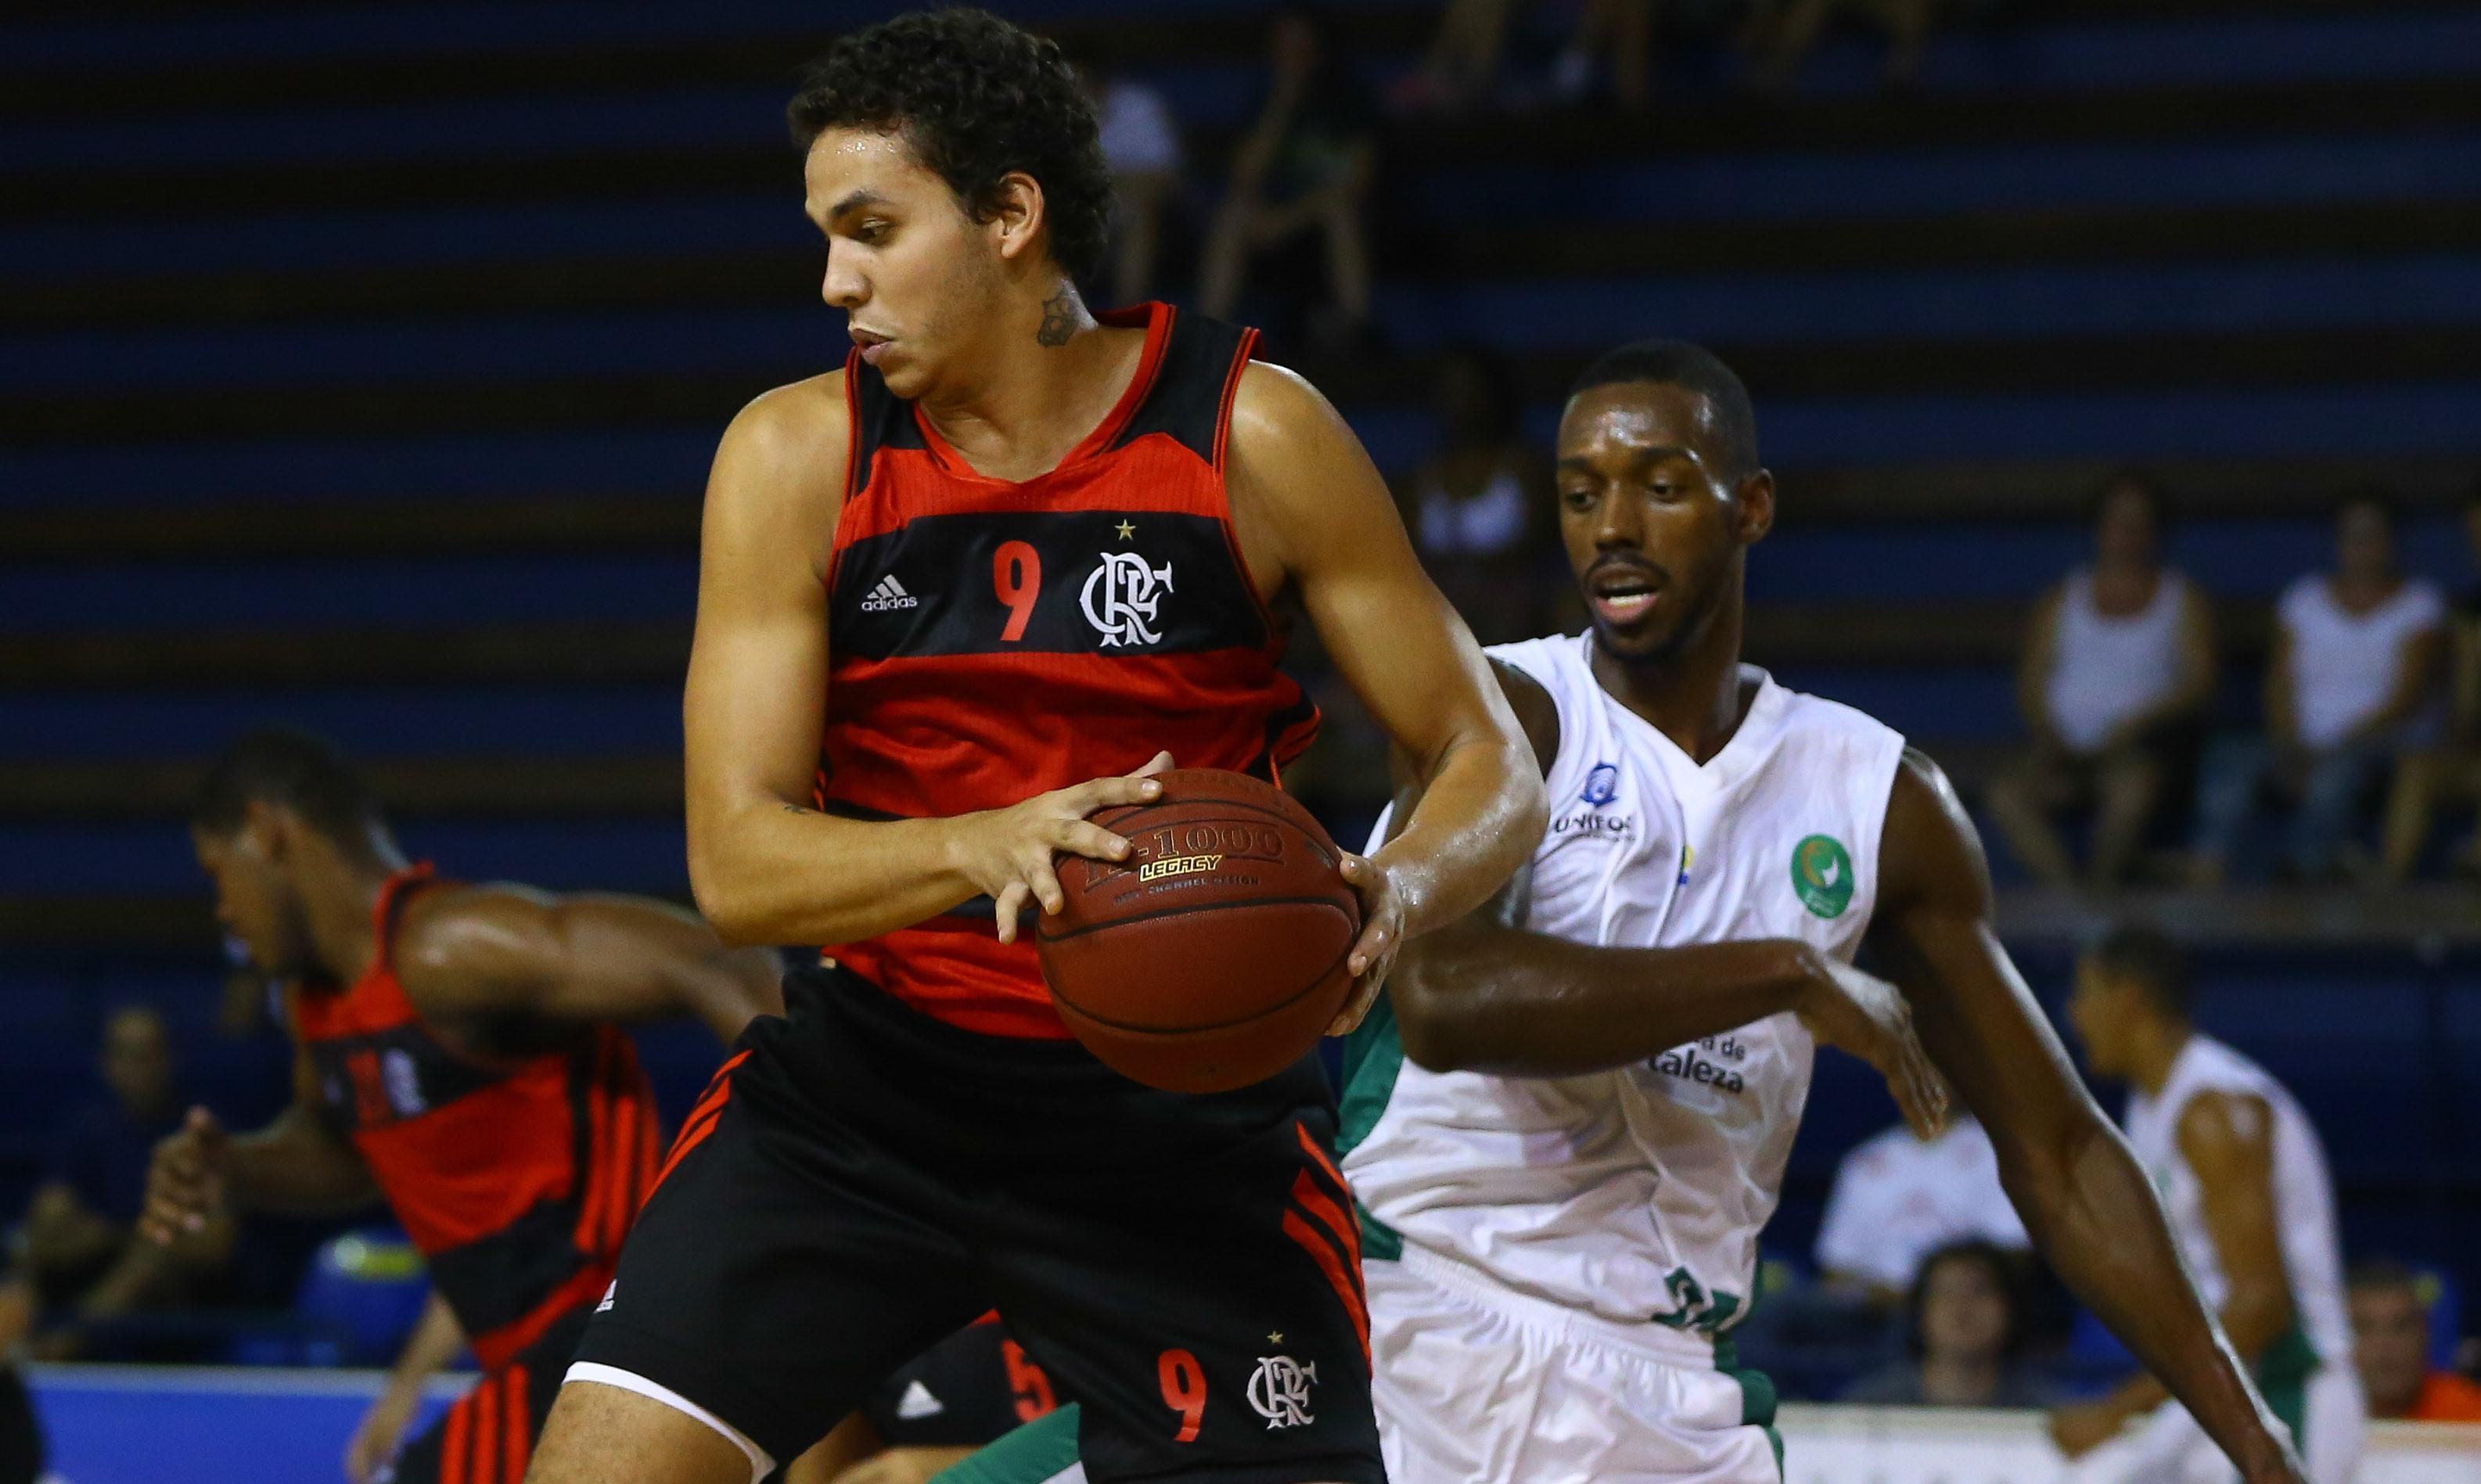 Basquete Cearense e Flamengo se enfrentarão pela 3ª vez na atual edição da LDB (Luiz Pires/LNB)